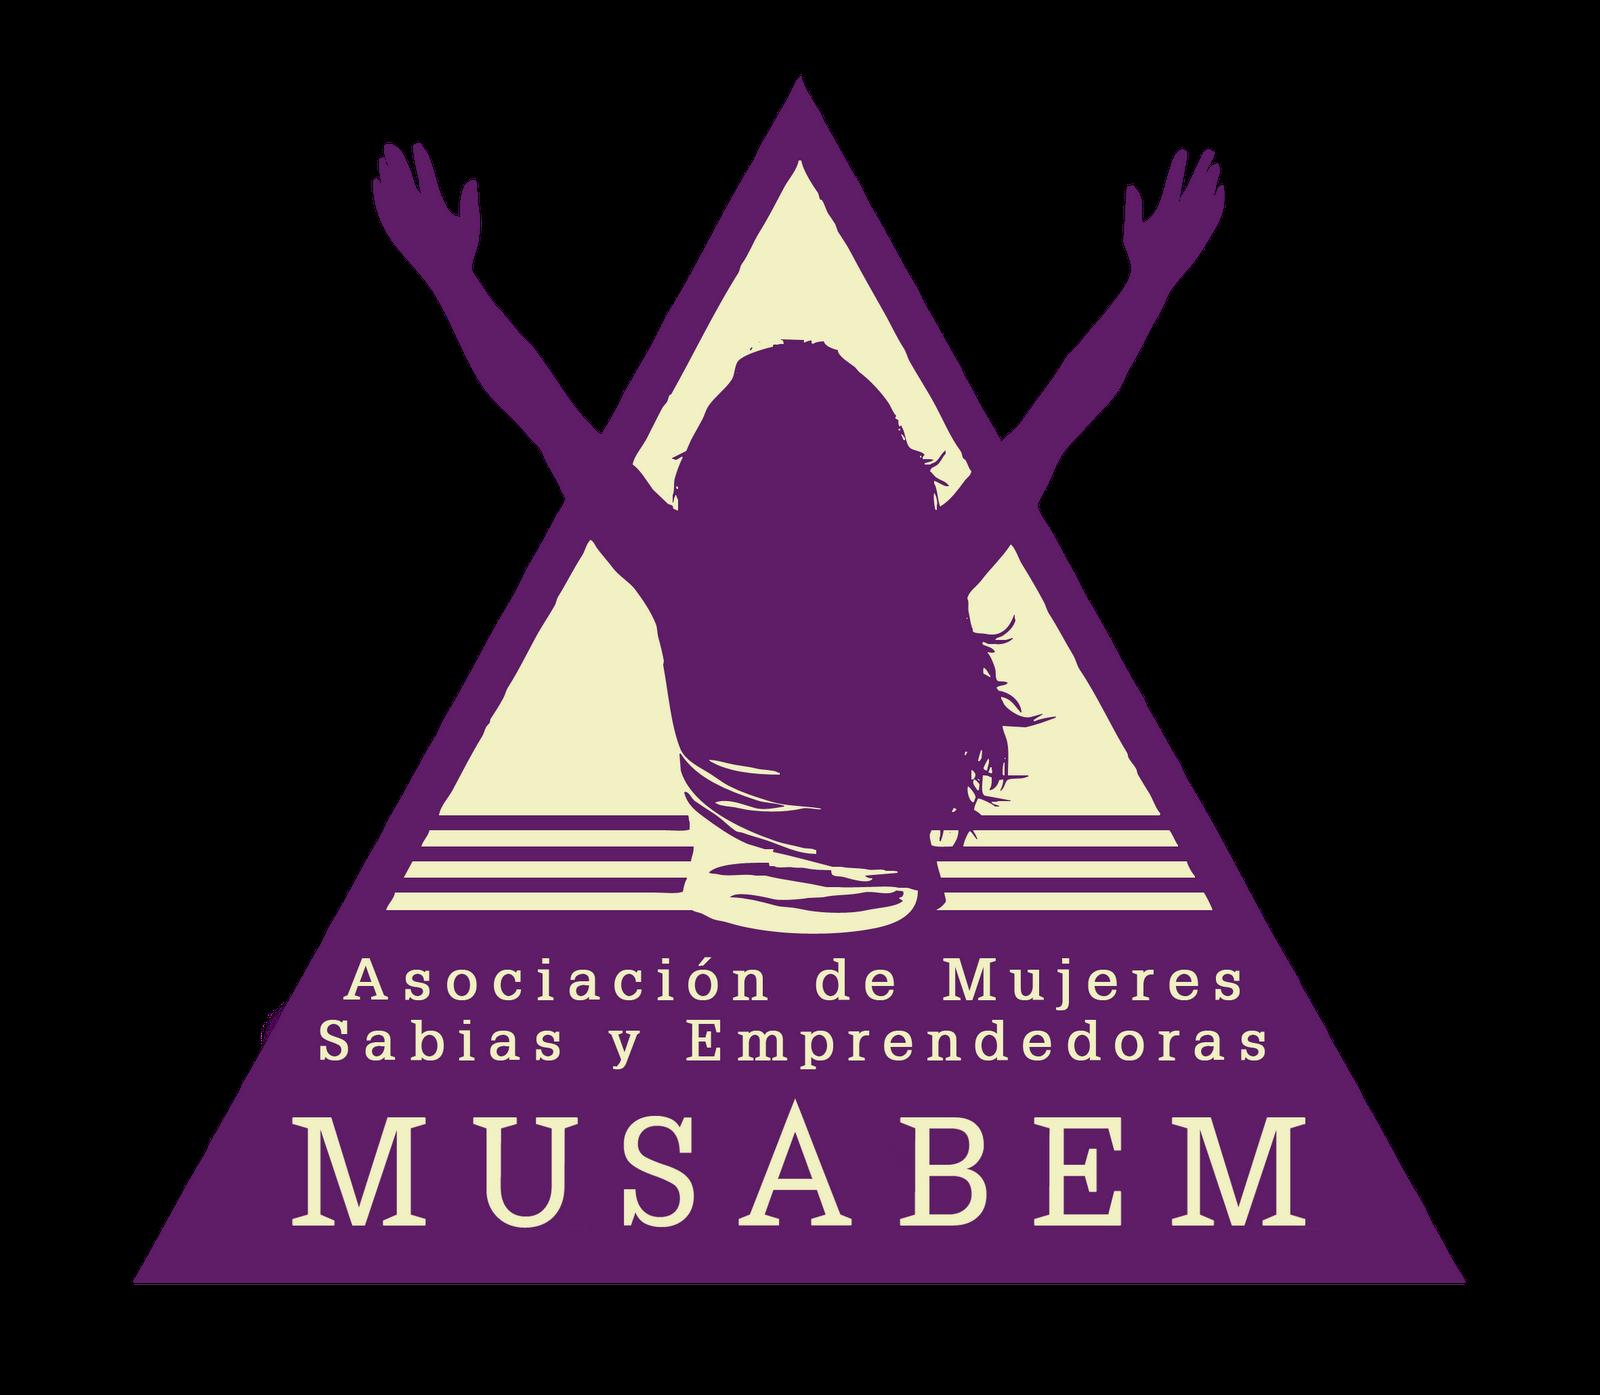 Asociación de Mujeres Sabias y Emprendedoras MUSABEM